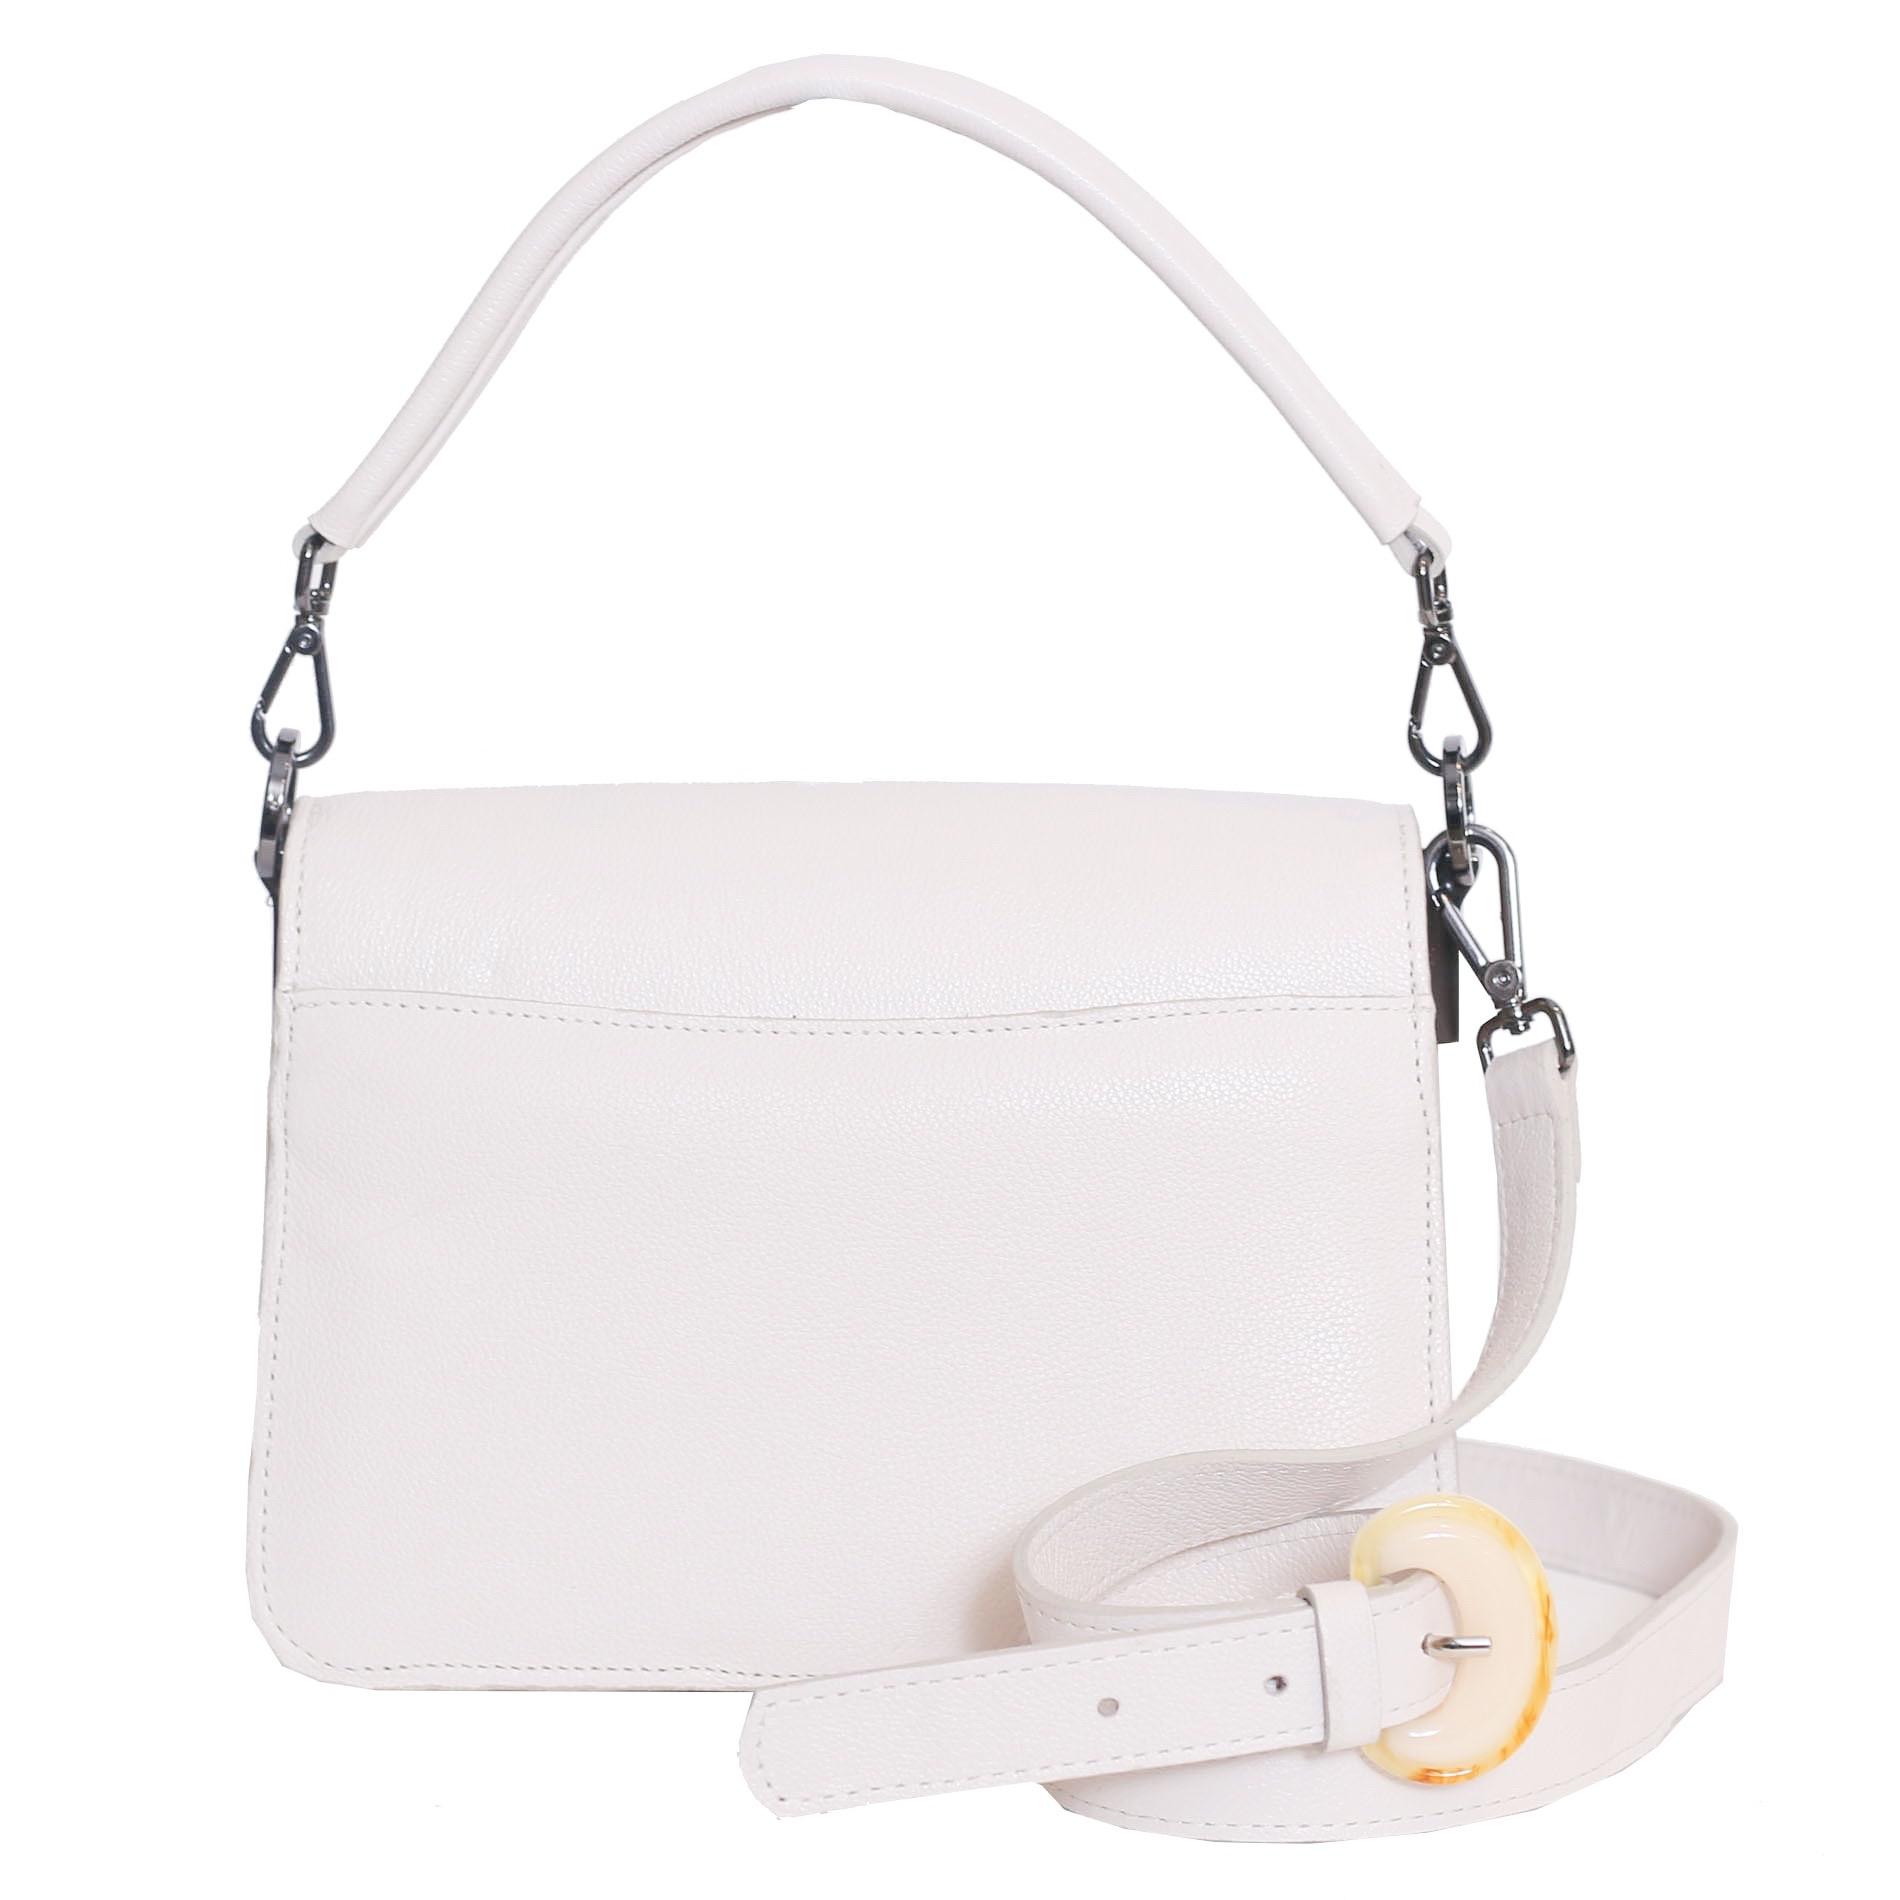 Bolsa Cora off white